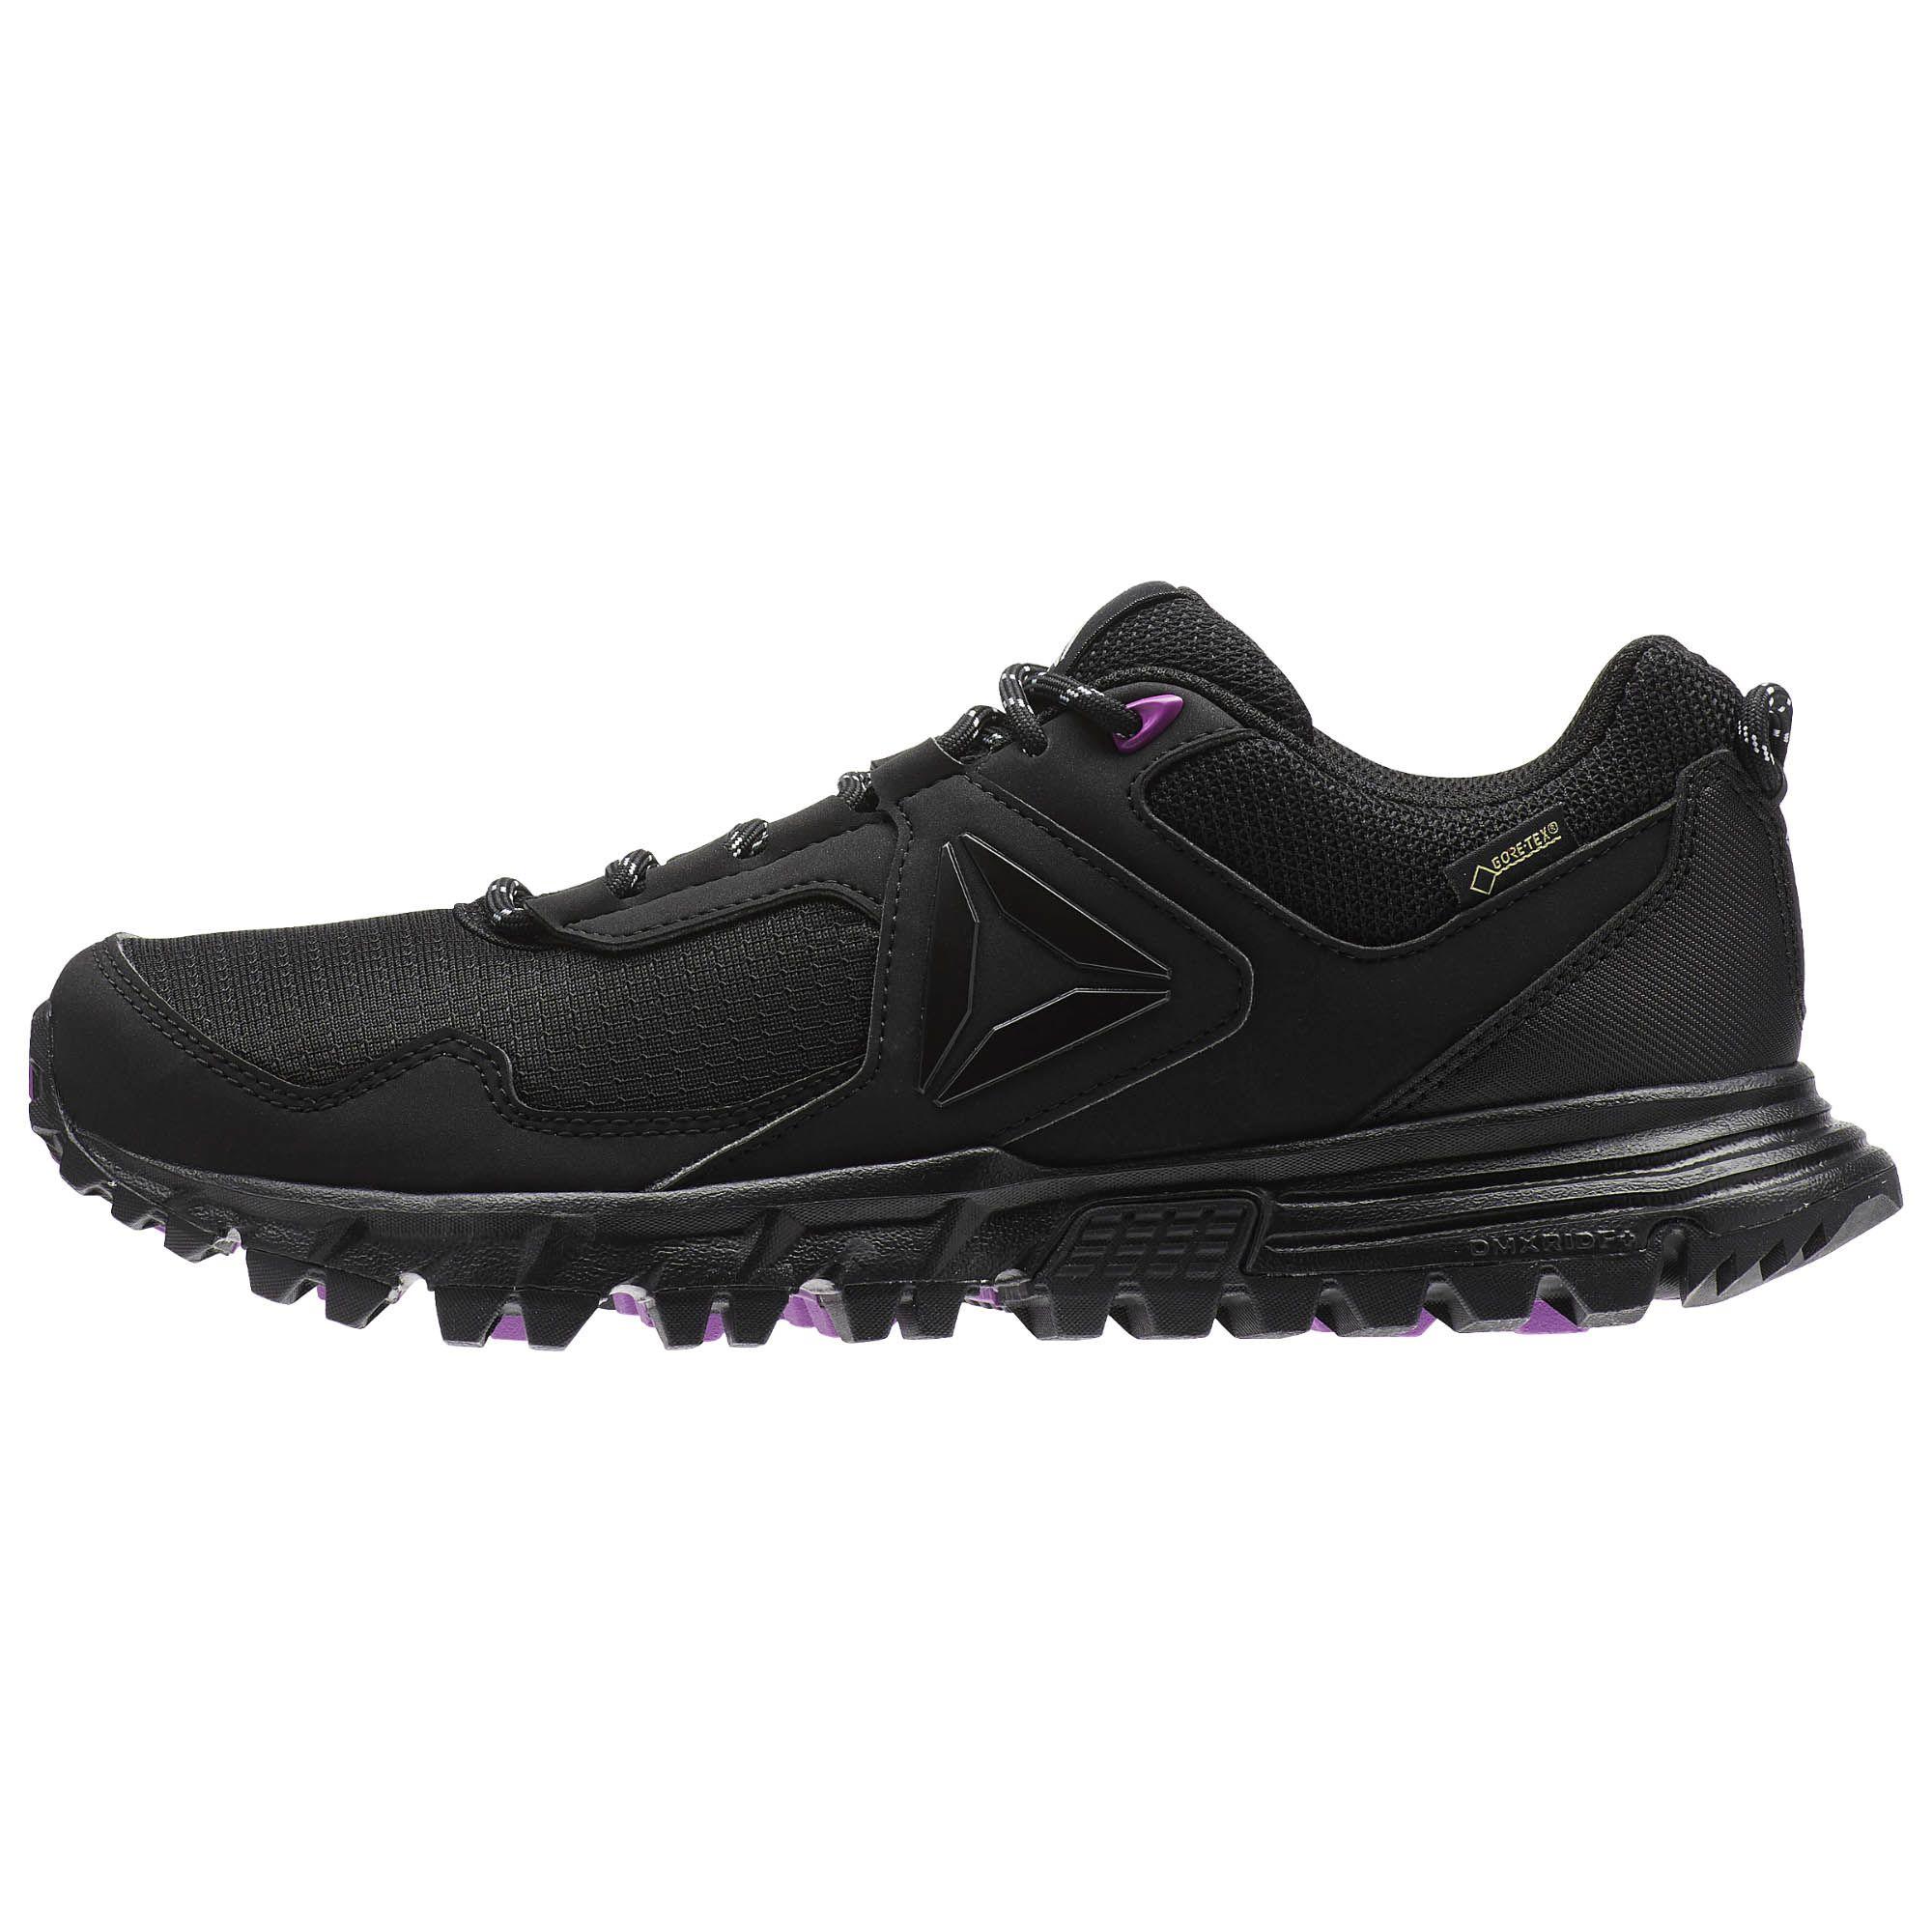 Details zu REEBOK SAWCUT 5.0 GTX Damen Schuh Wanderschuh Outdoorschuh Laufschuh